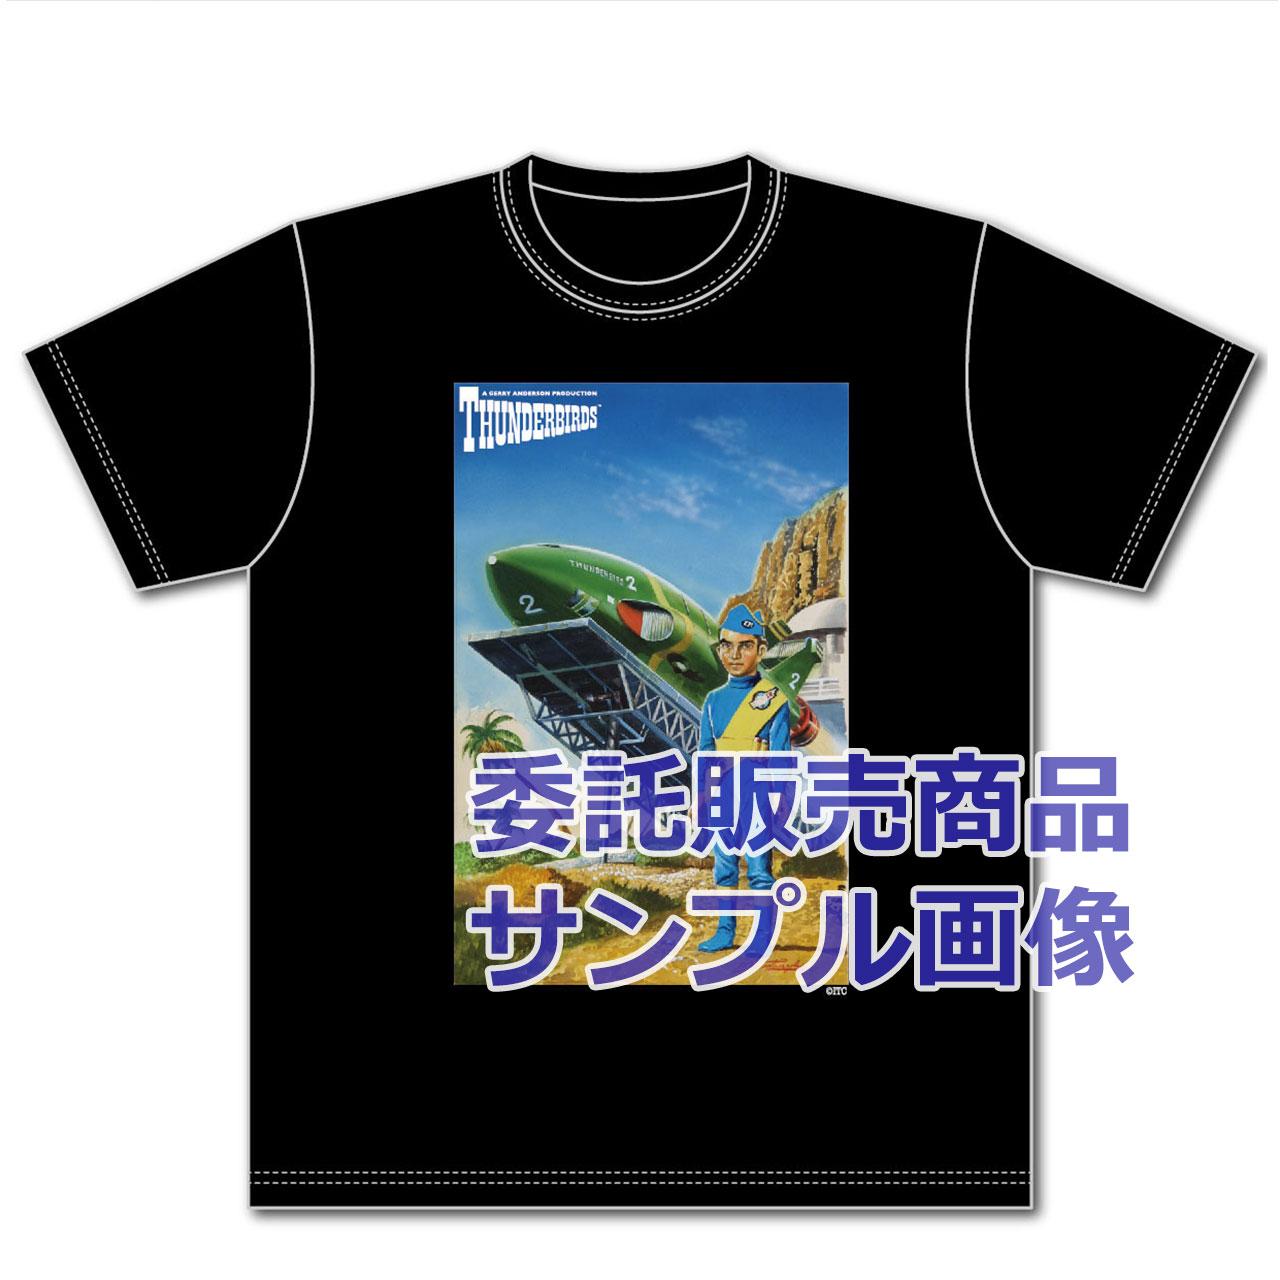 「サンダーバード」Tシャツ2号黒